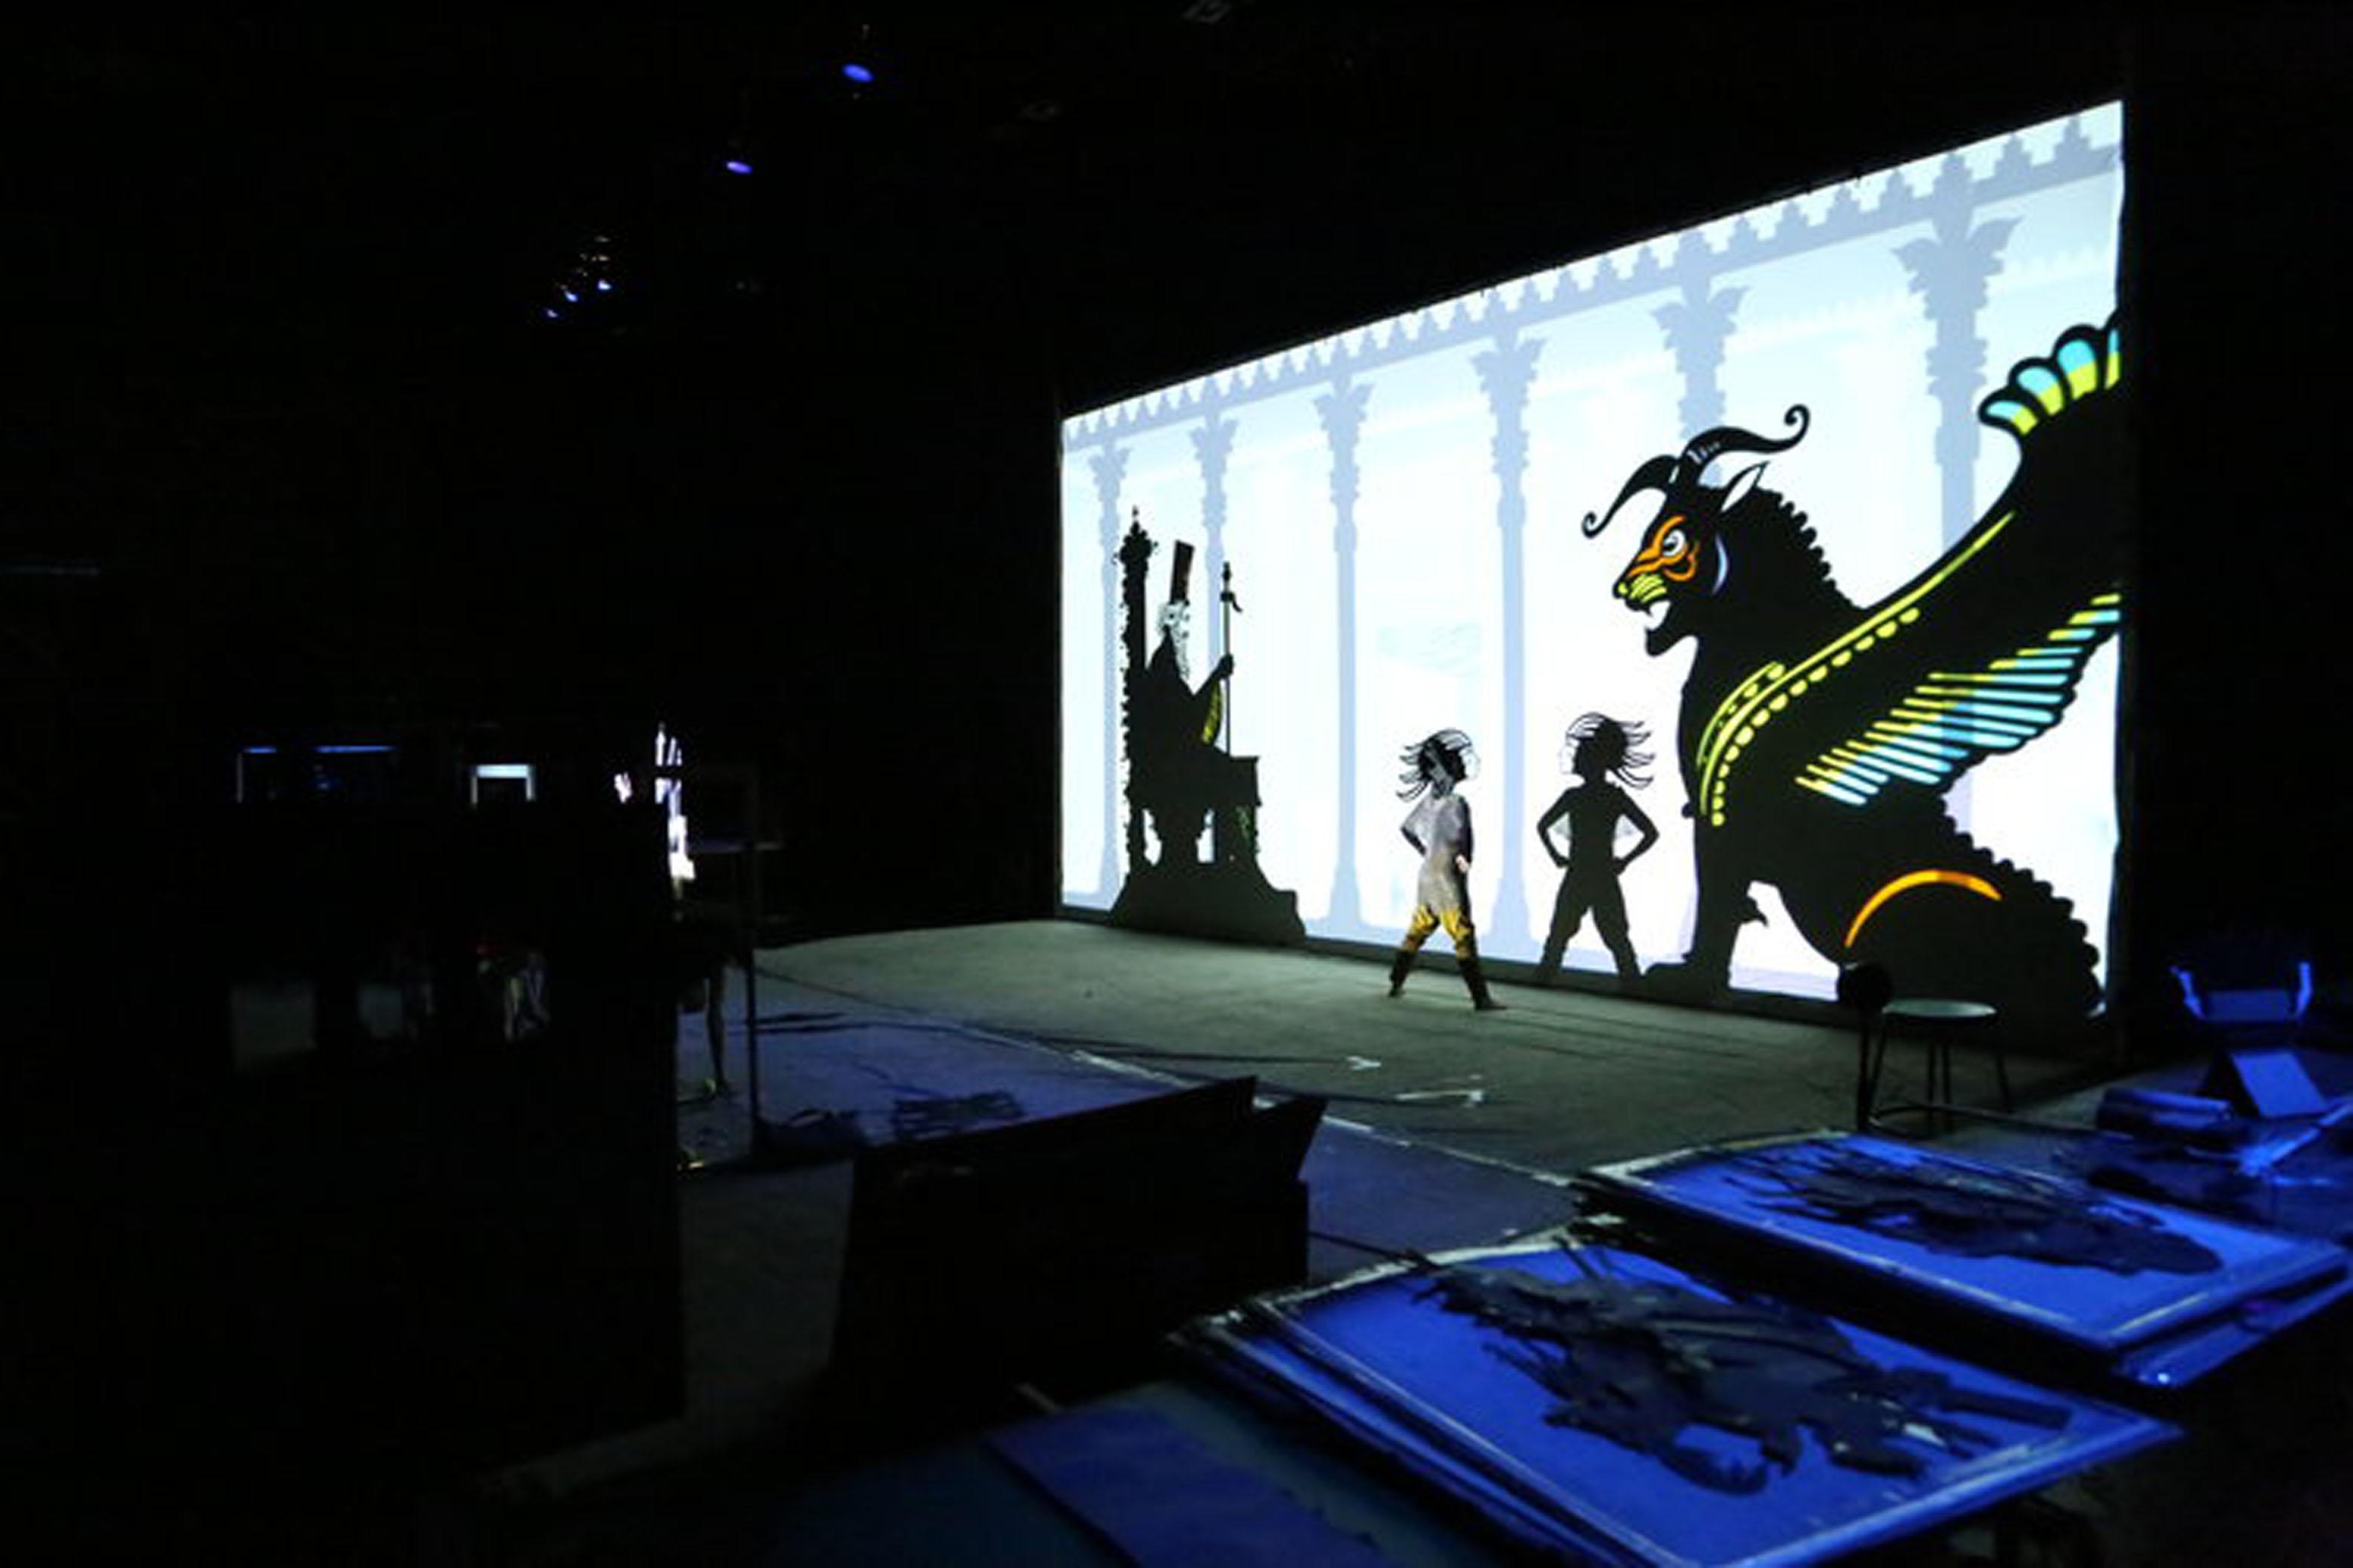 Photo courtesy of kingorama.com